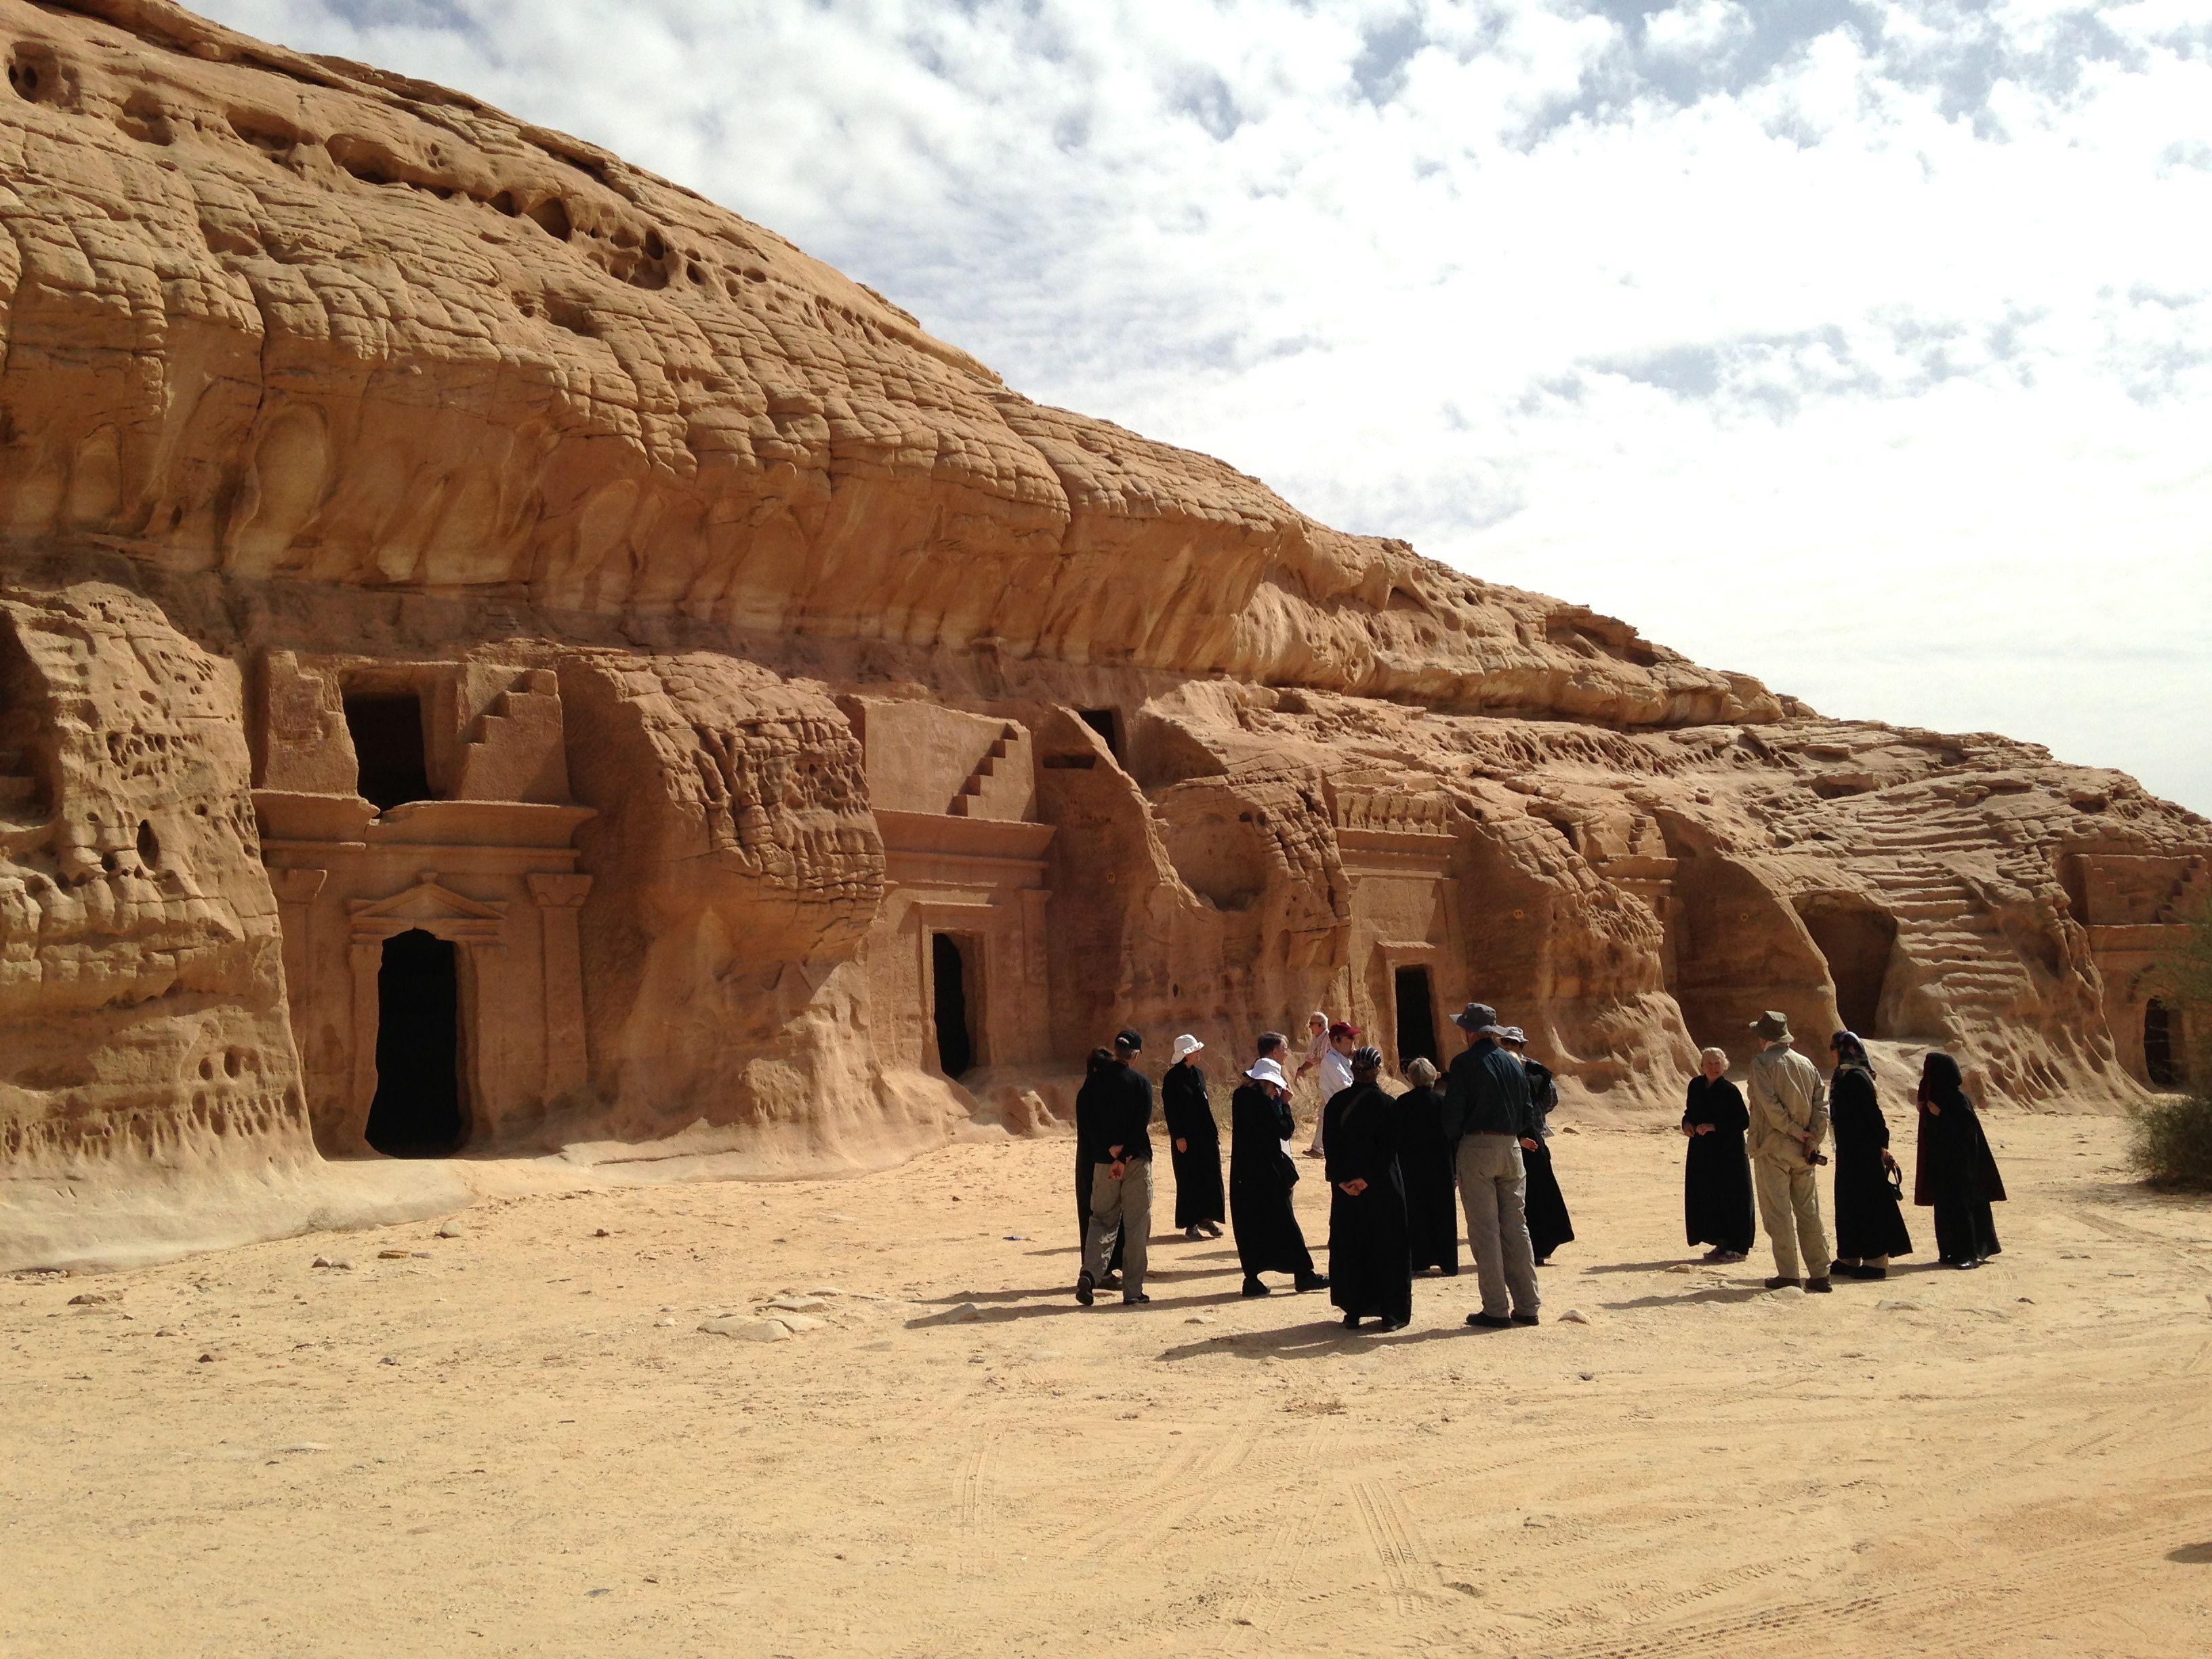 Al Ula Saudi Arabia  city photo : Al Ula and Mada'in Salih, Saudi Arabia | The World Less Traveled ...